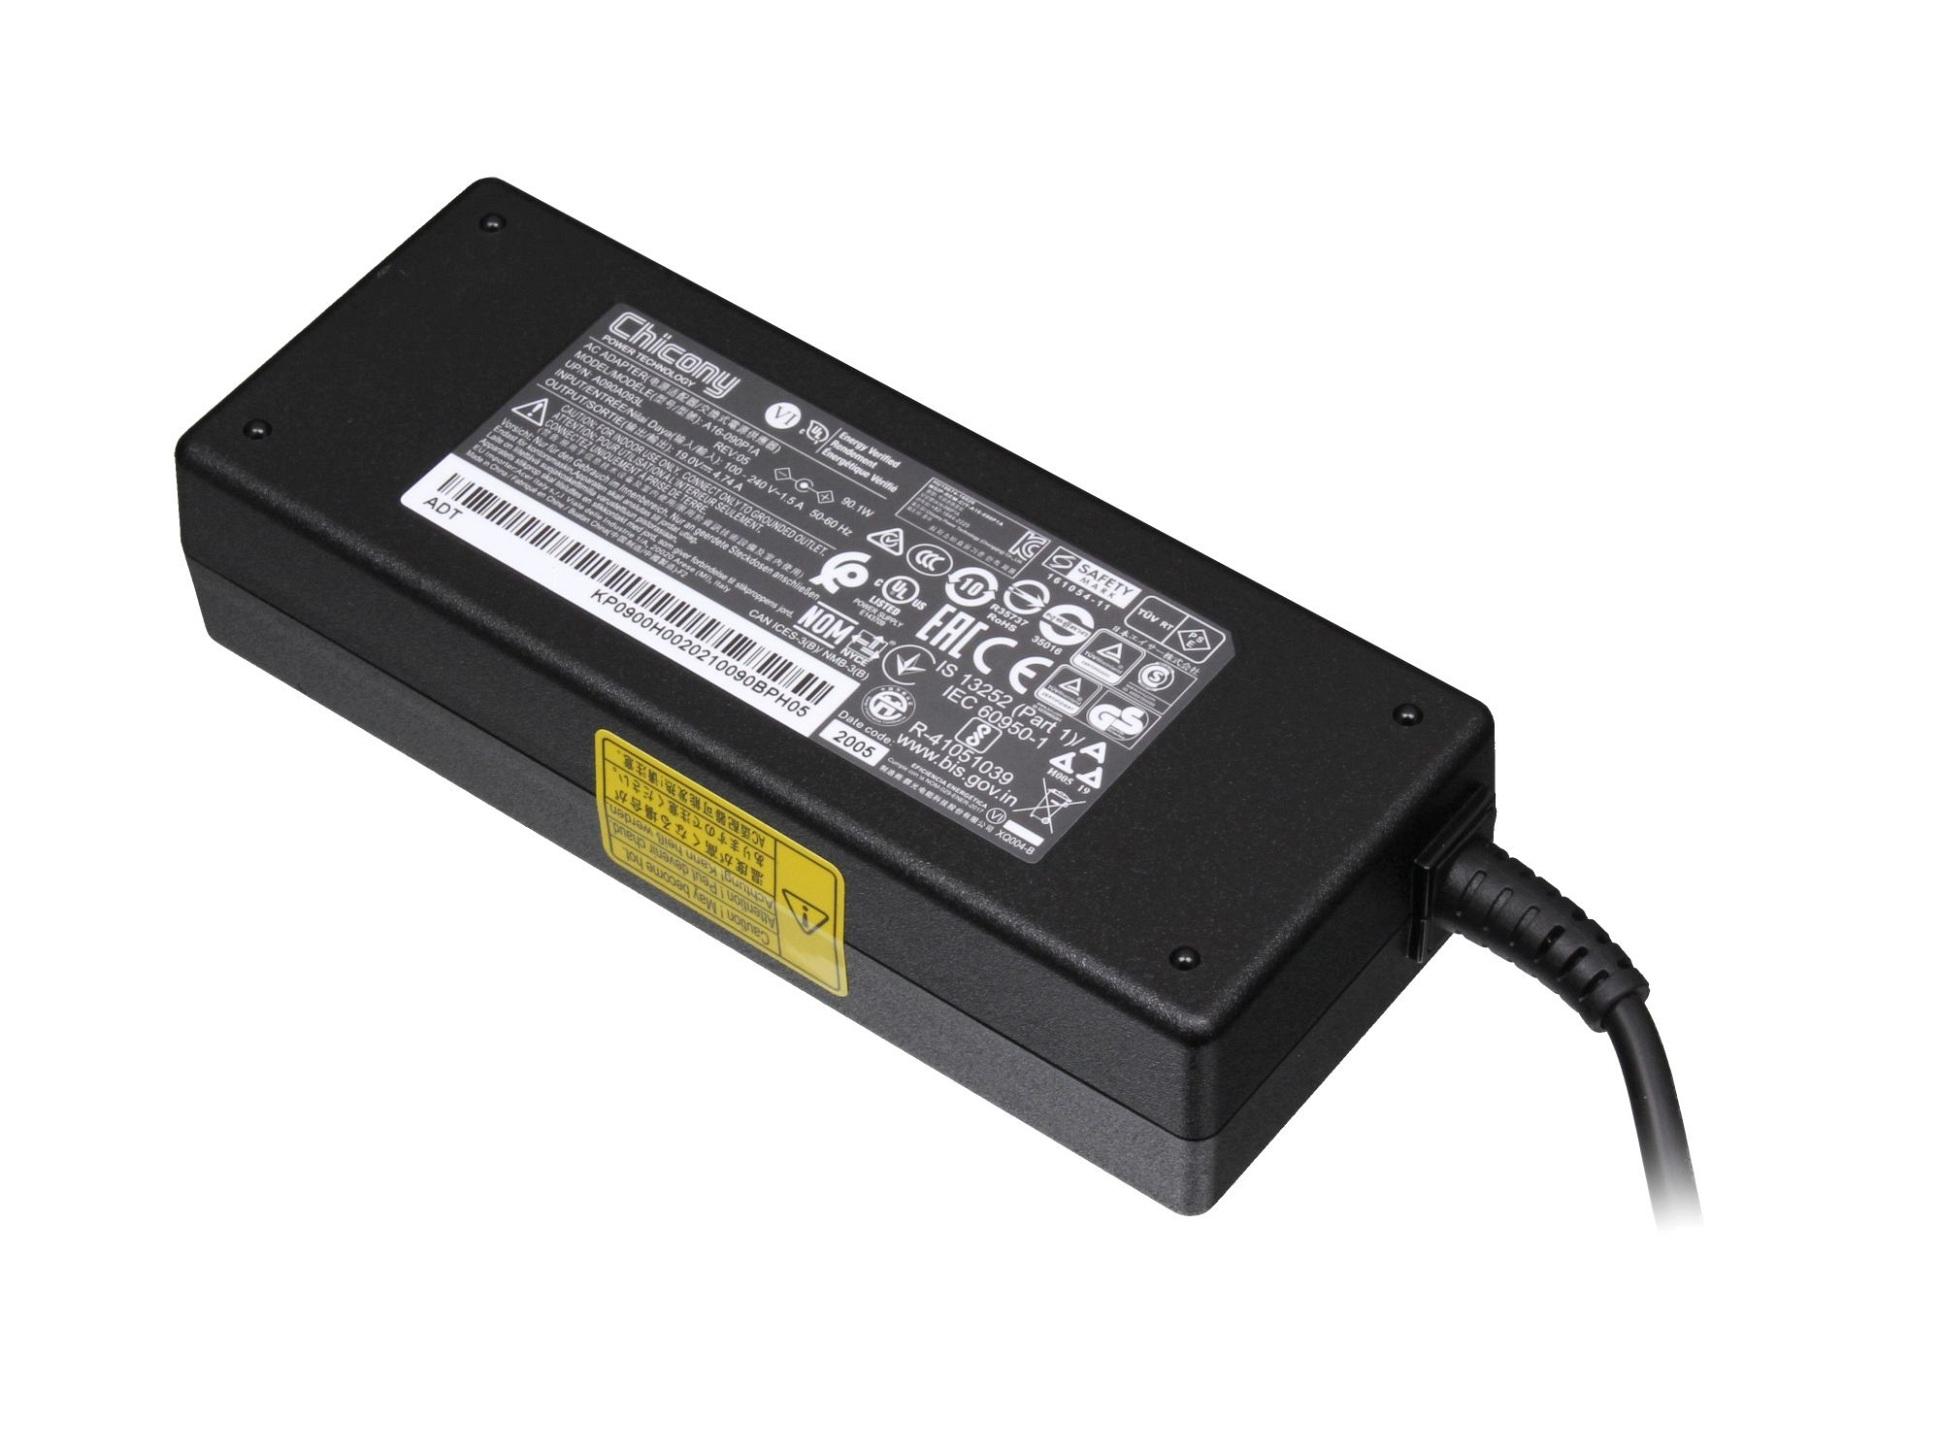 Netzteil Acer Aspire V3-771G-53214G50Makk